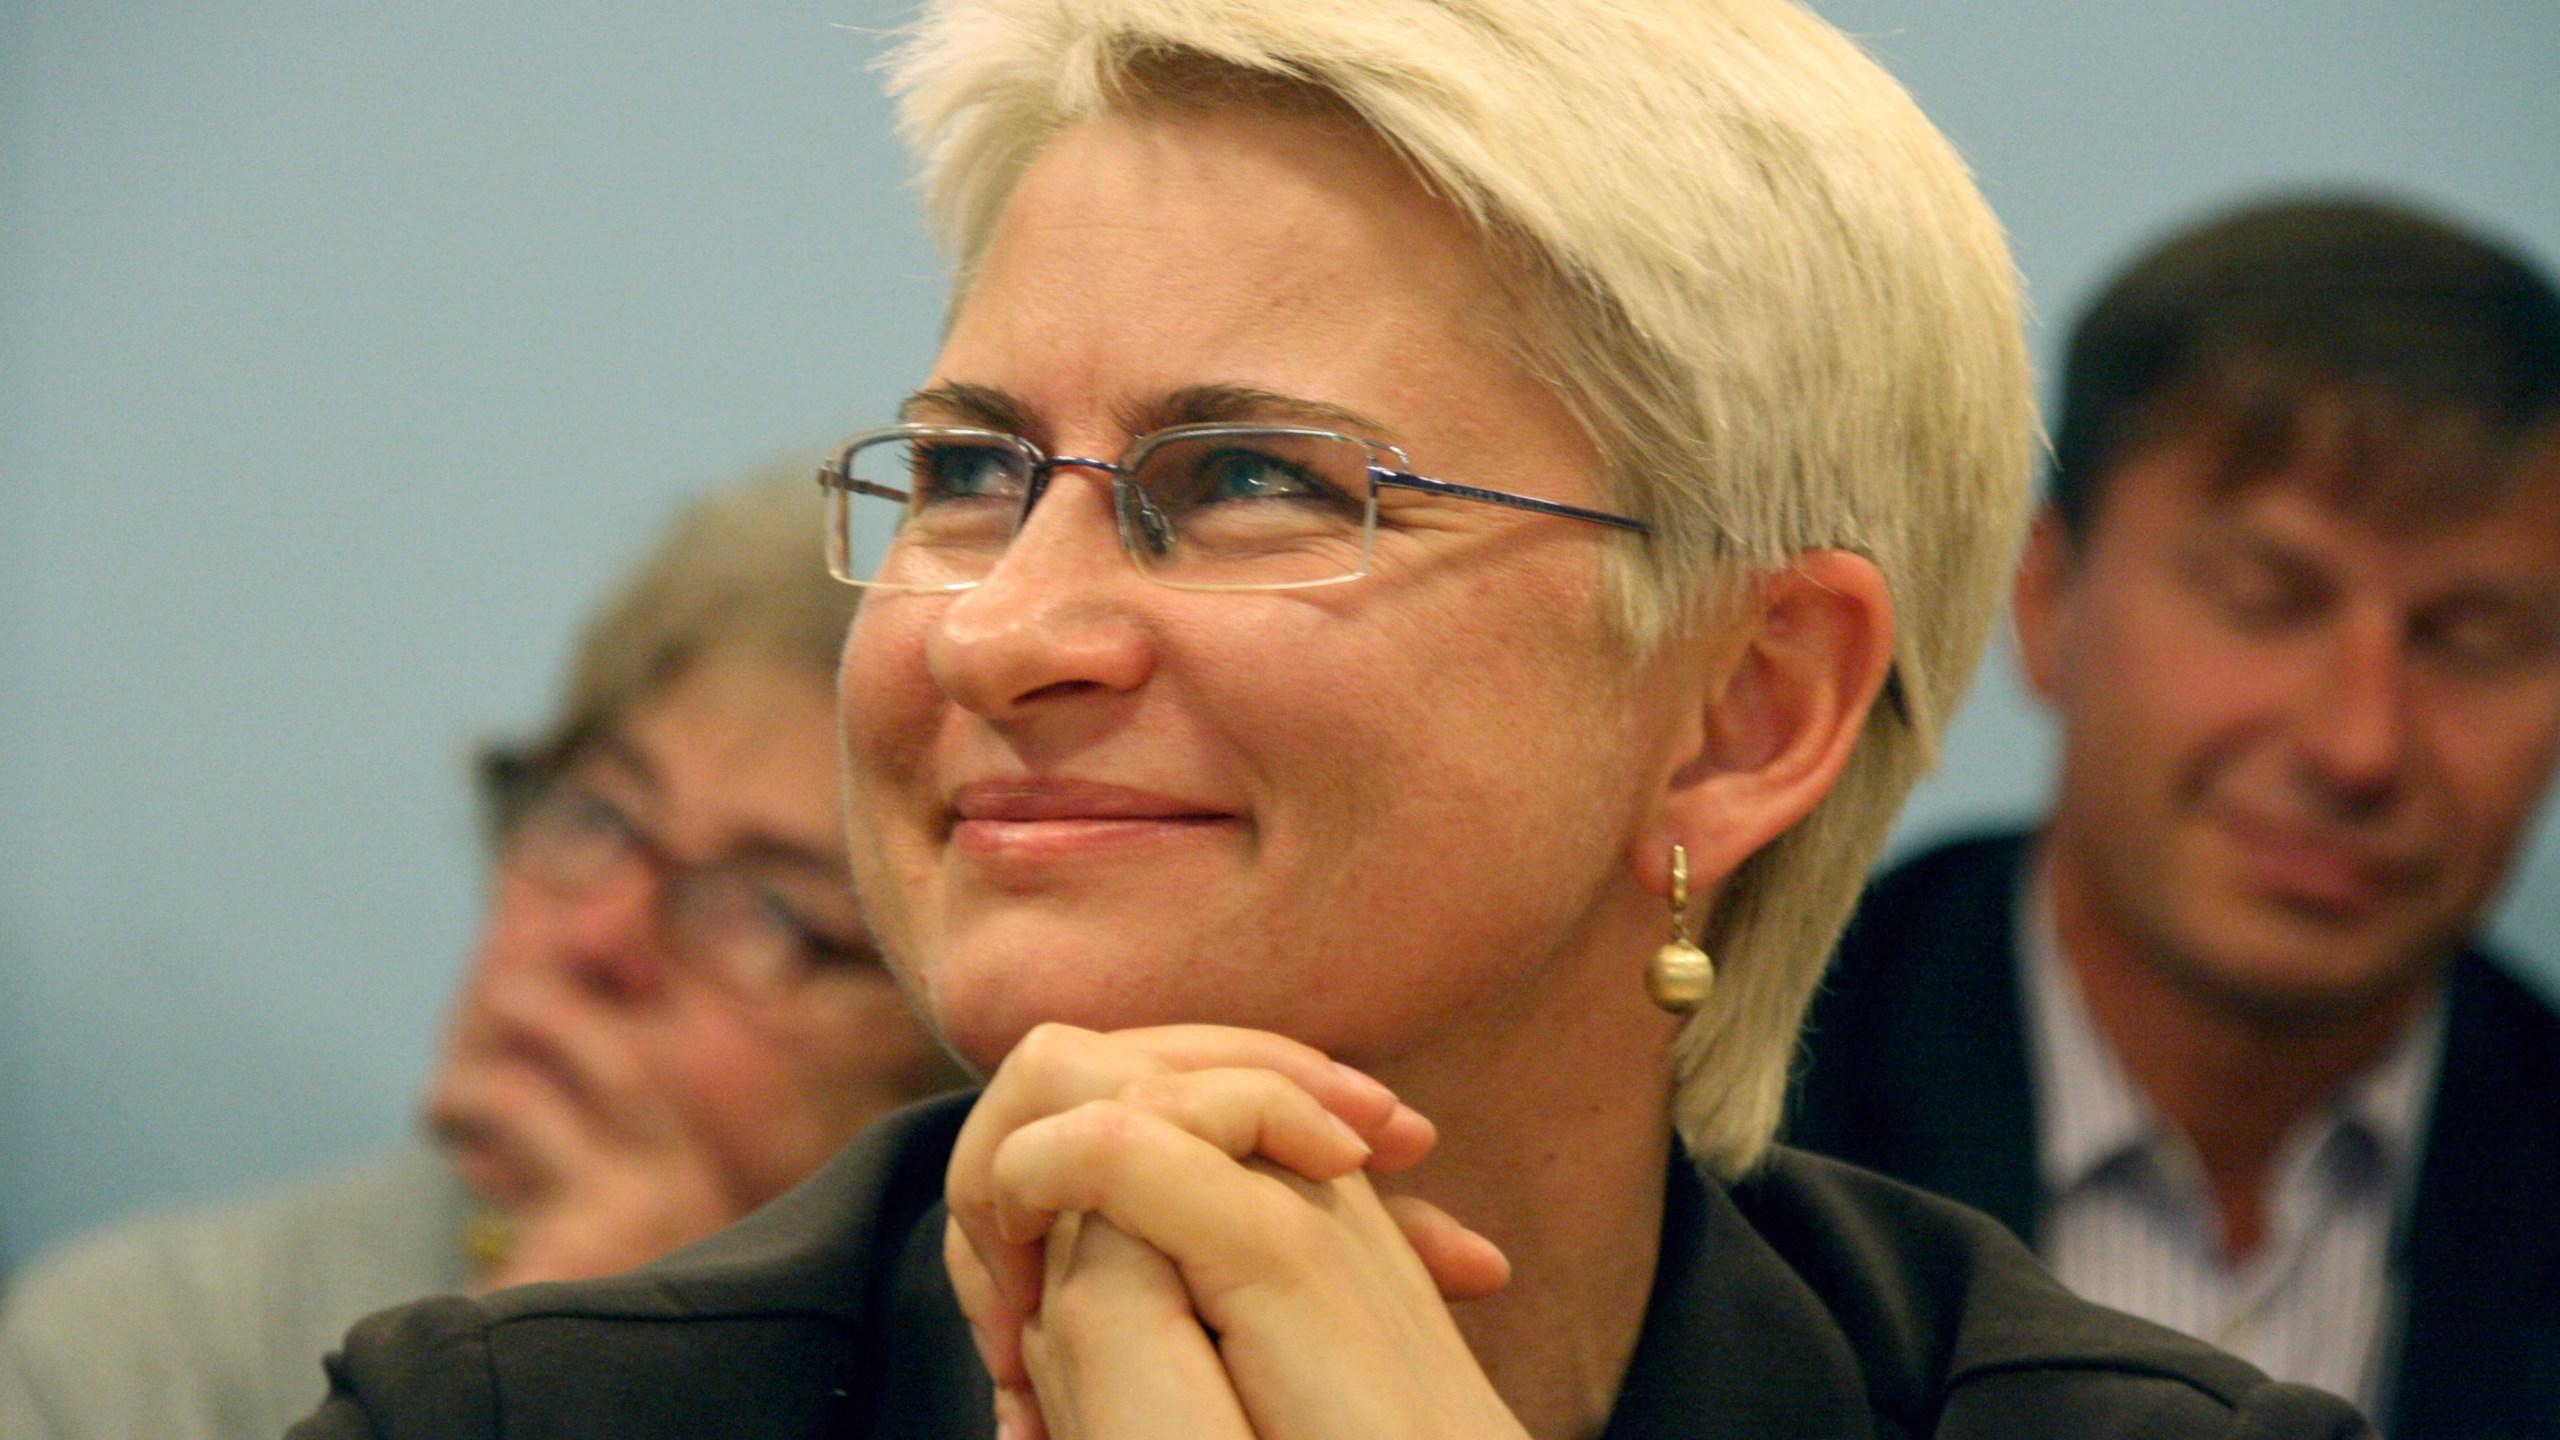 Juozas Valiušaitis